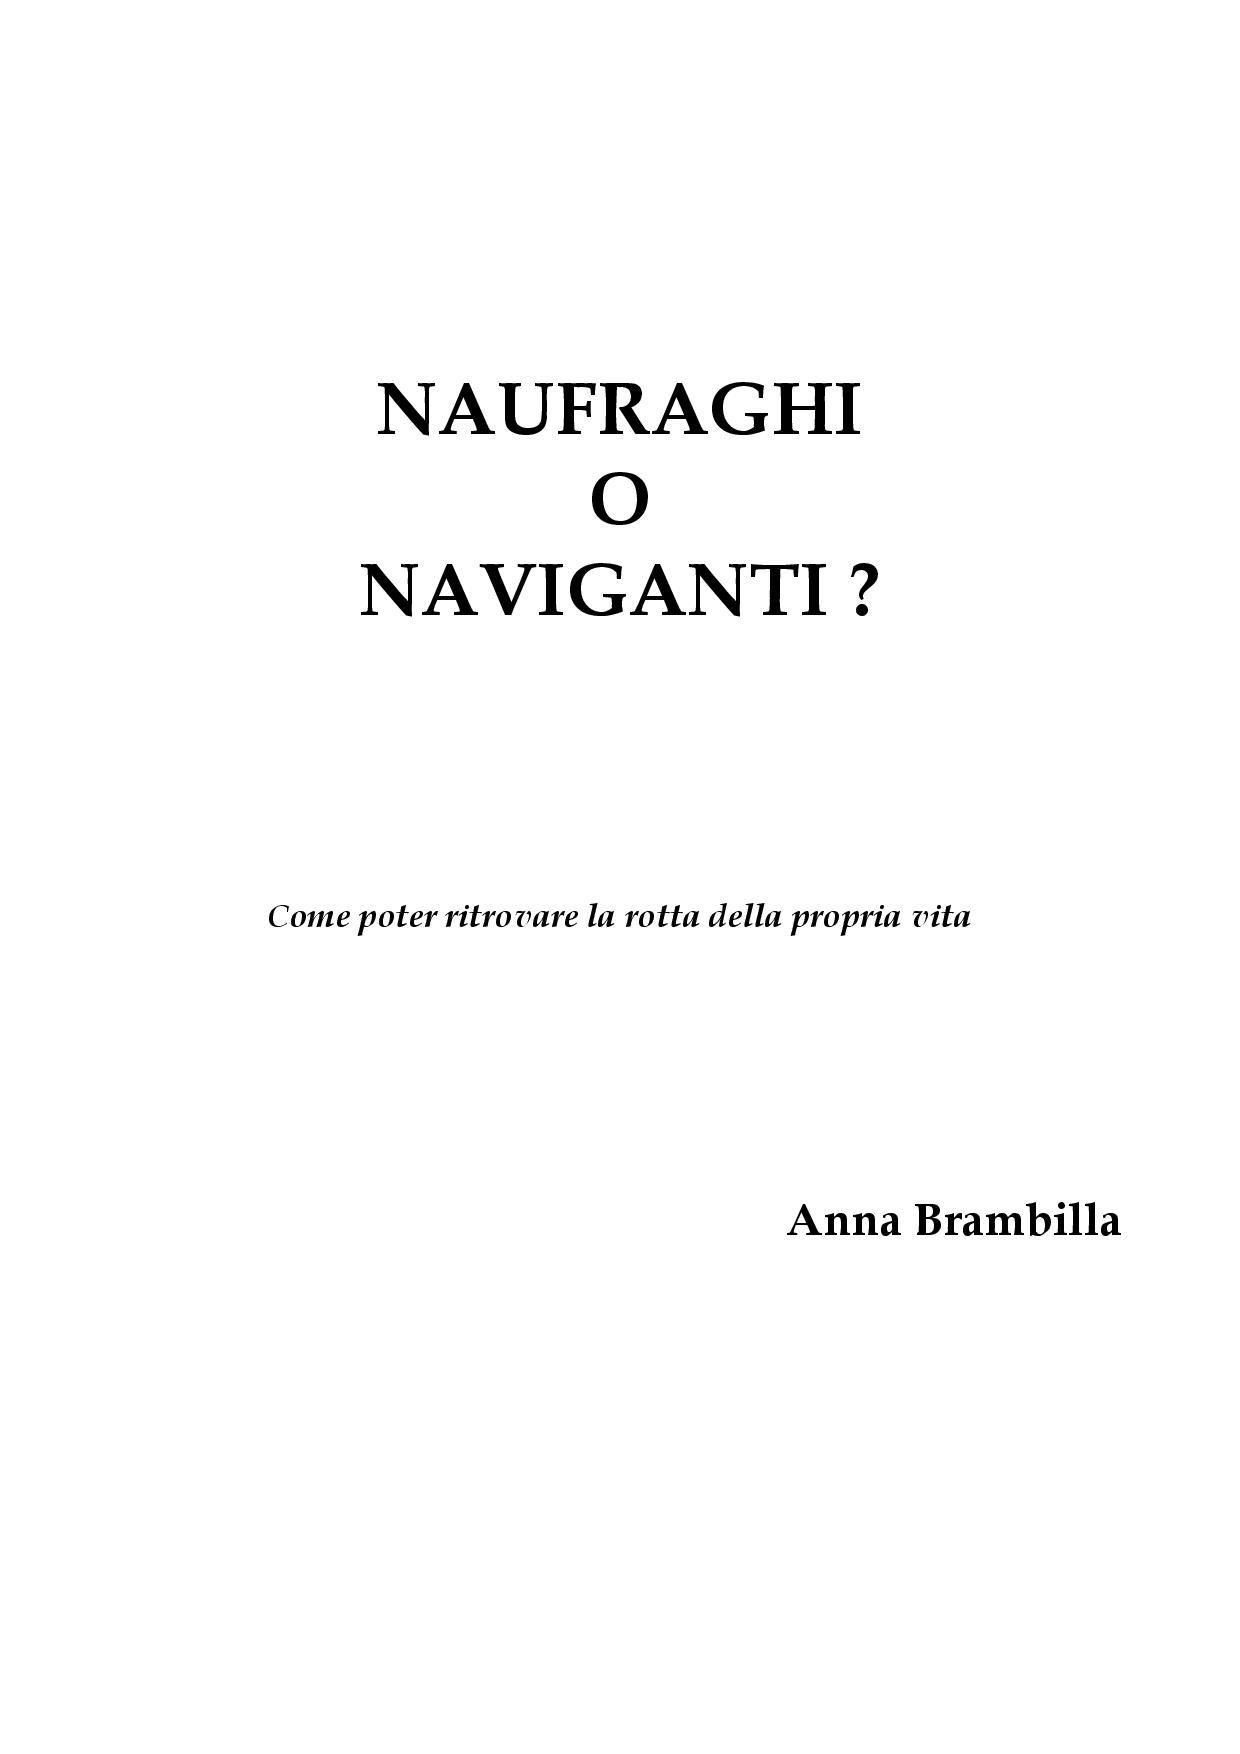 Naufraghi o Naviganti_01